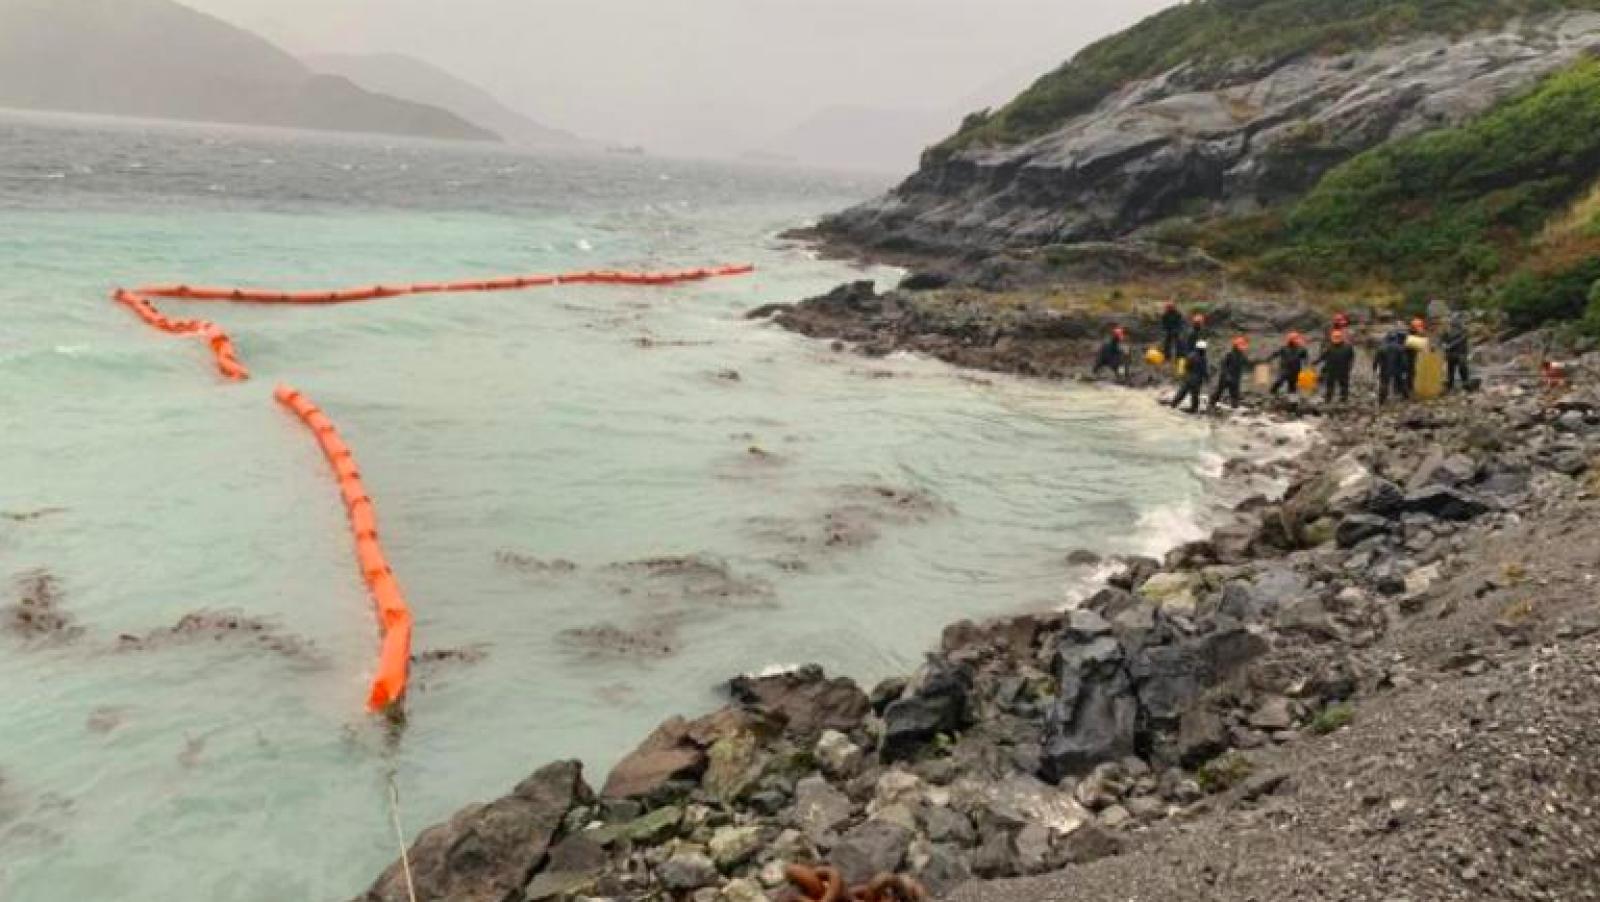 Efectius de l'Armada Xilena treballant en la contenció del vessament de dièsel